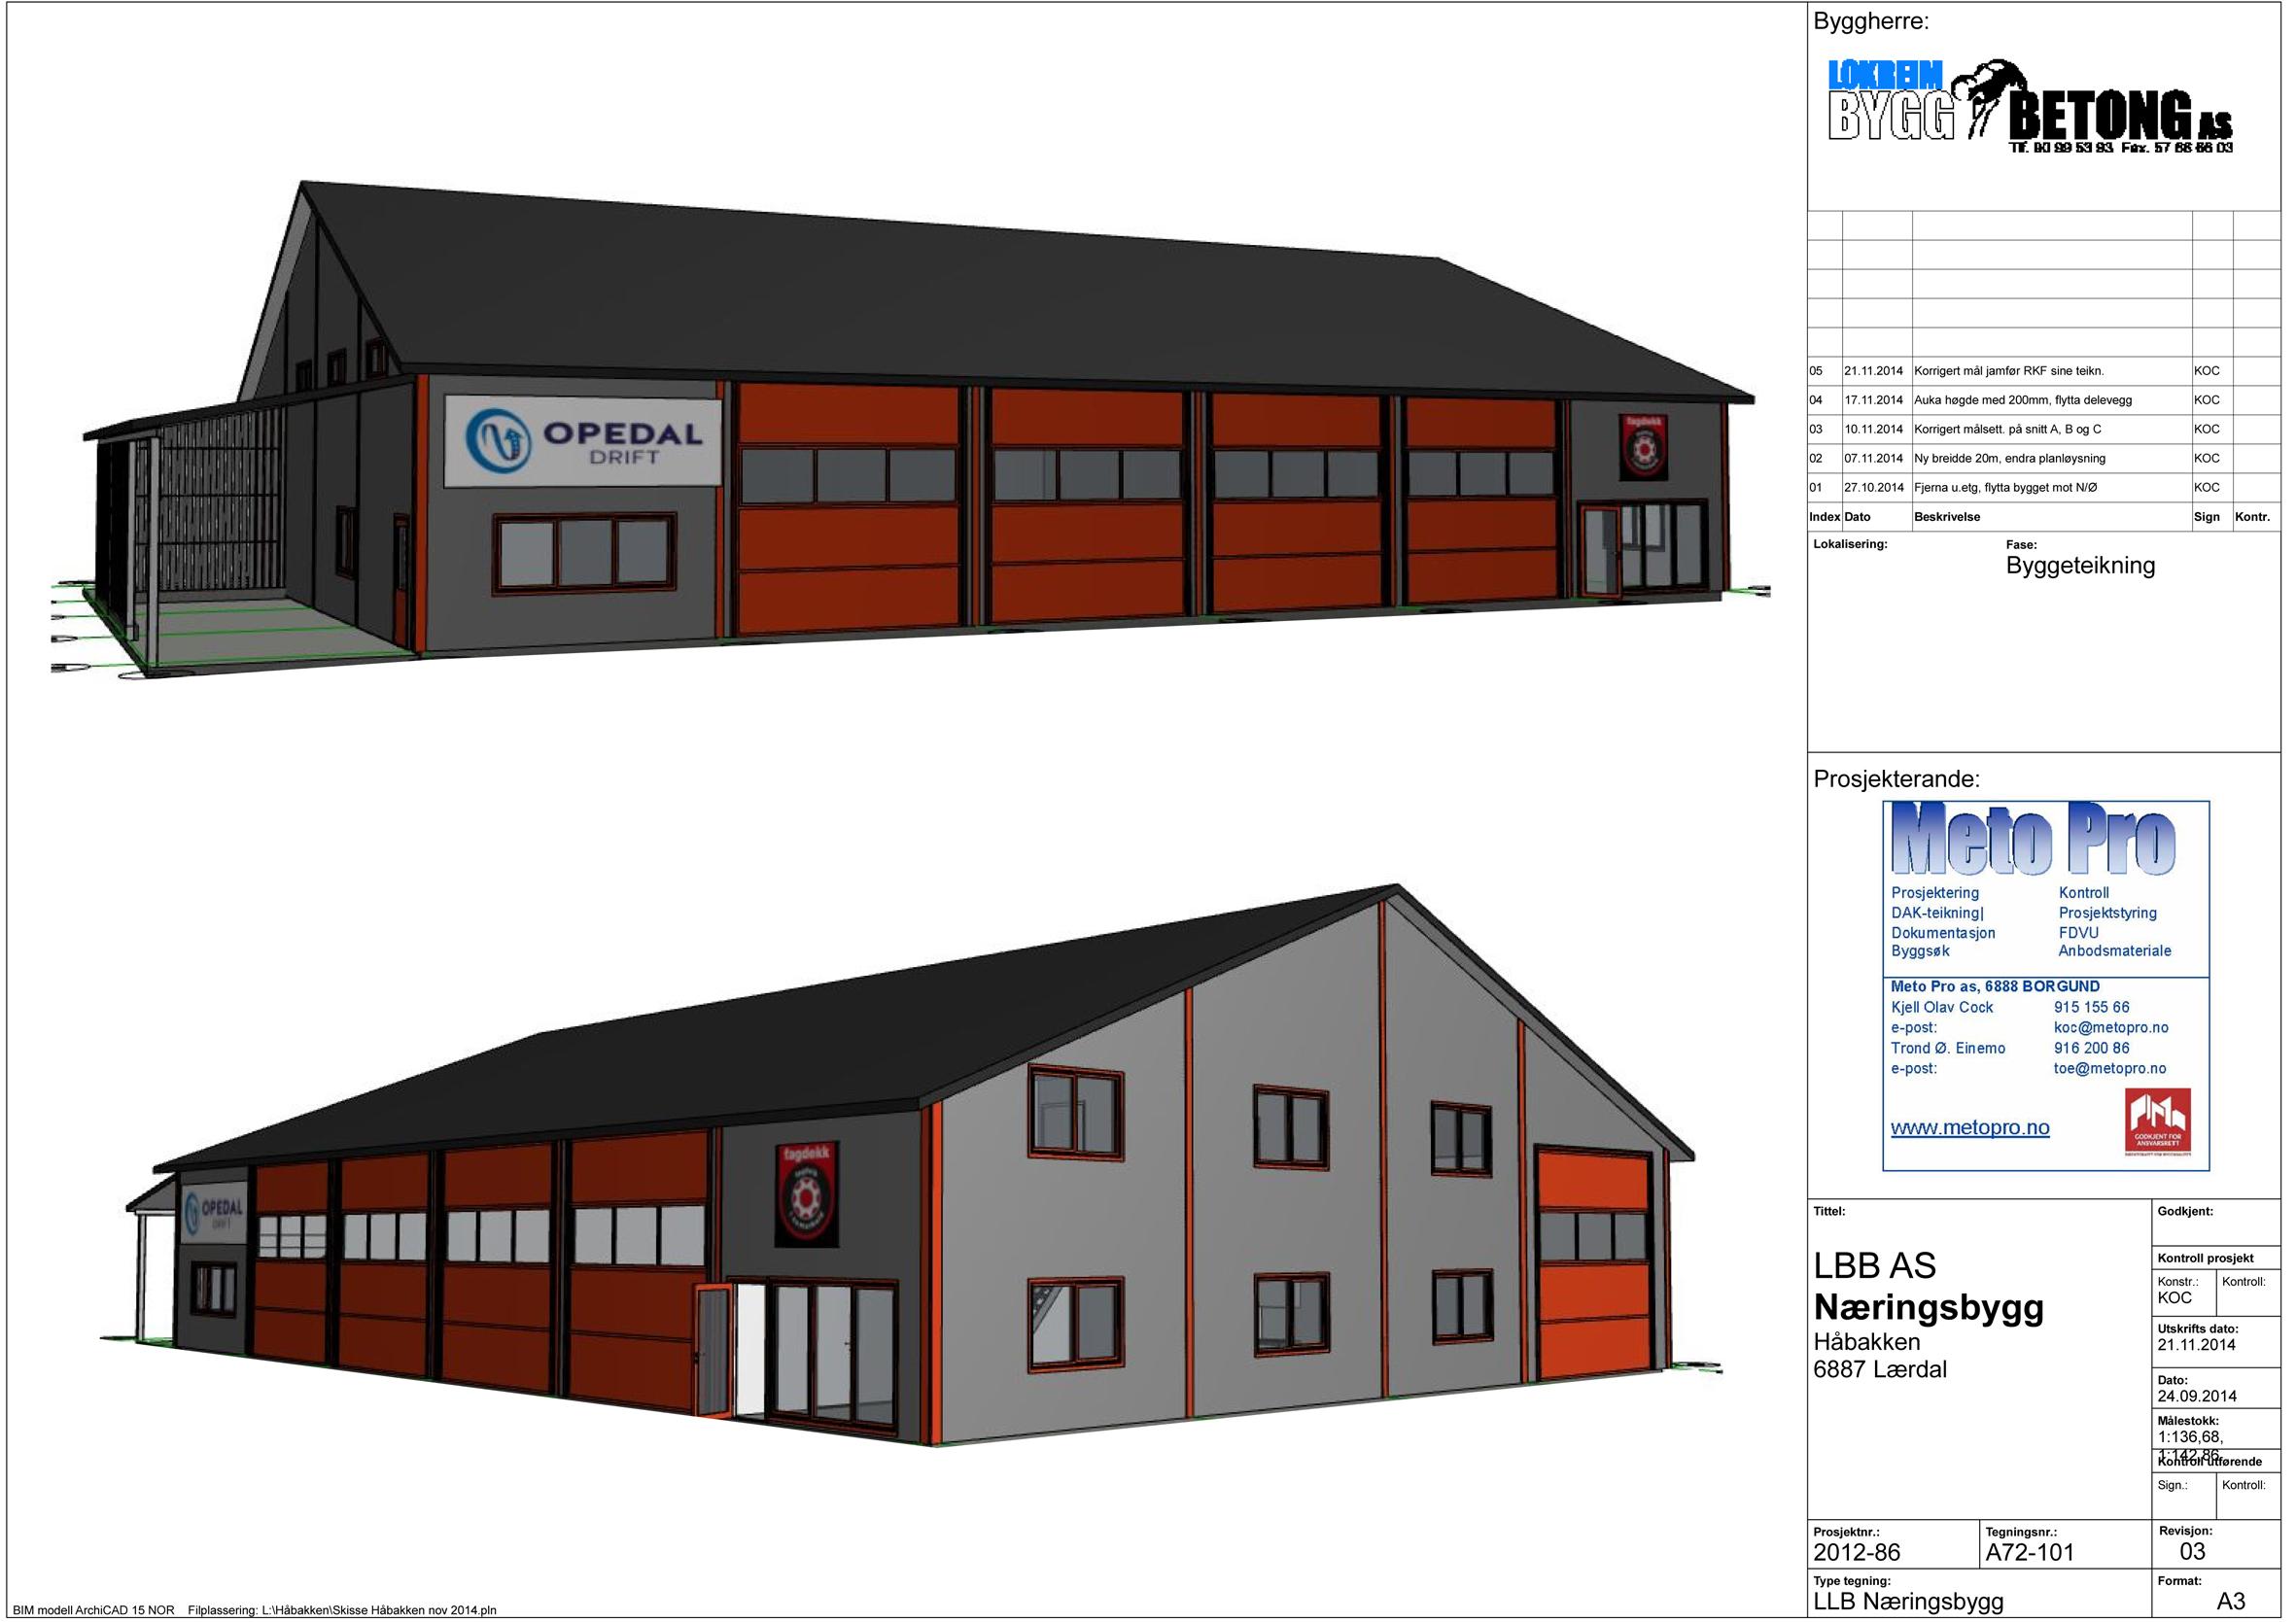 To av fasadane til næringsbygget som snart blir reistpå Håbakken. (Teikning: MetoPro)